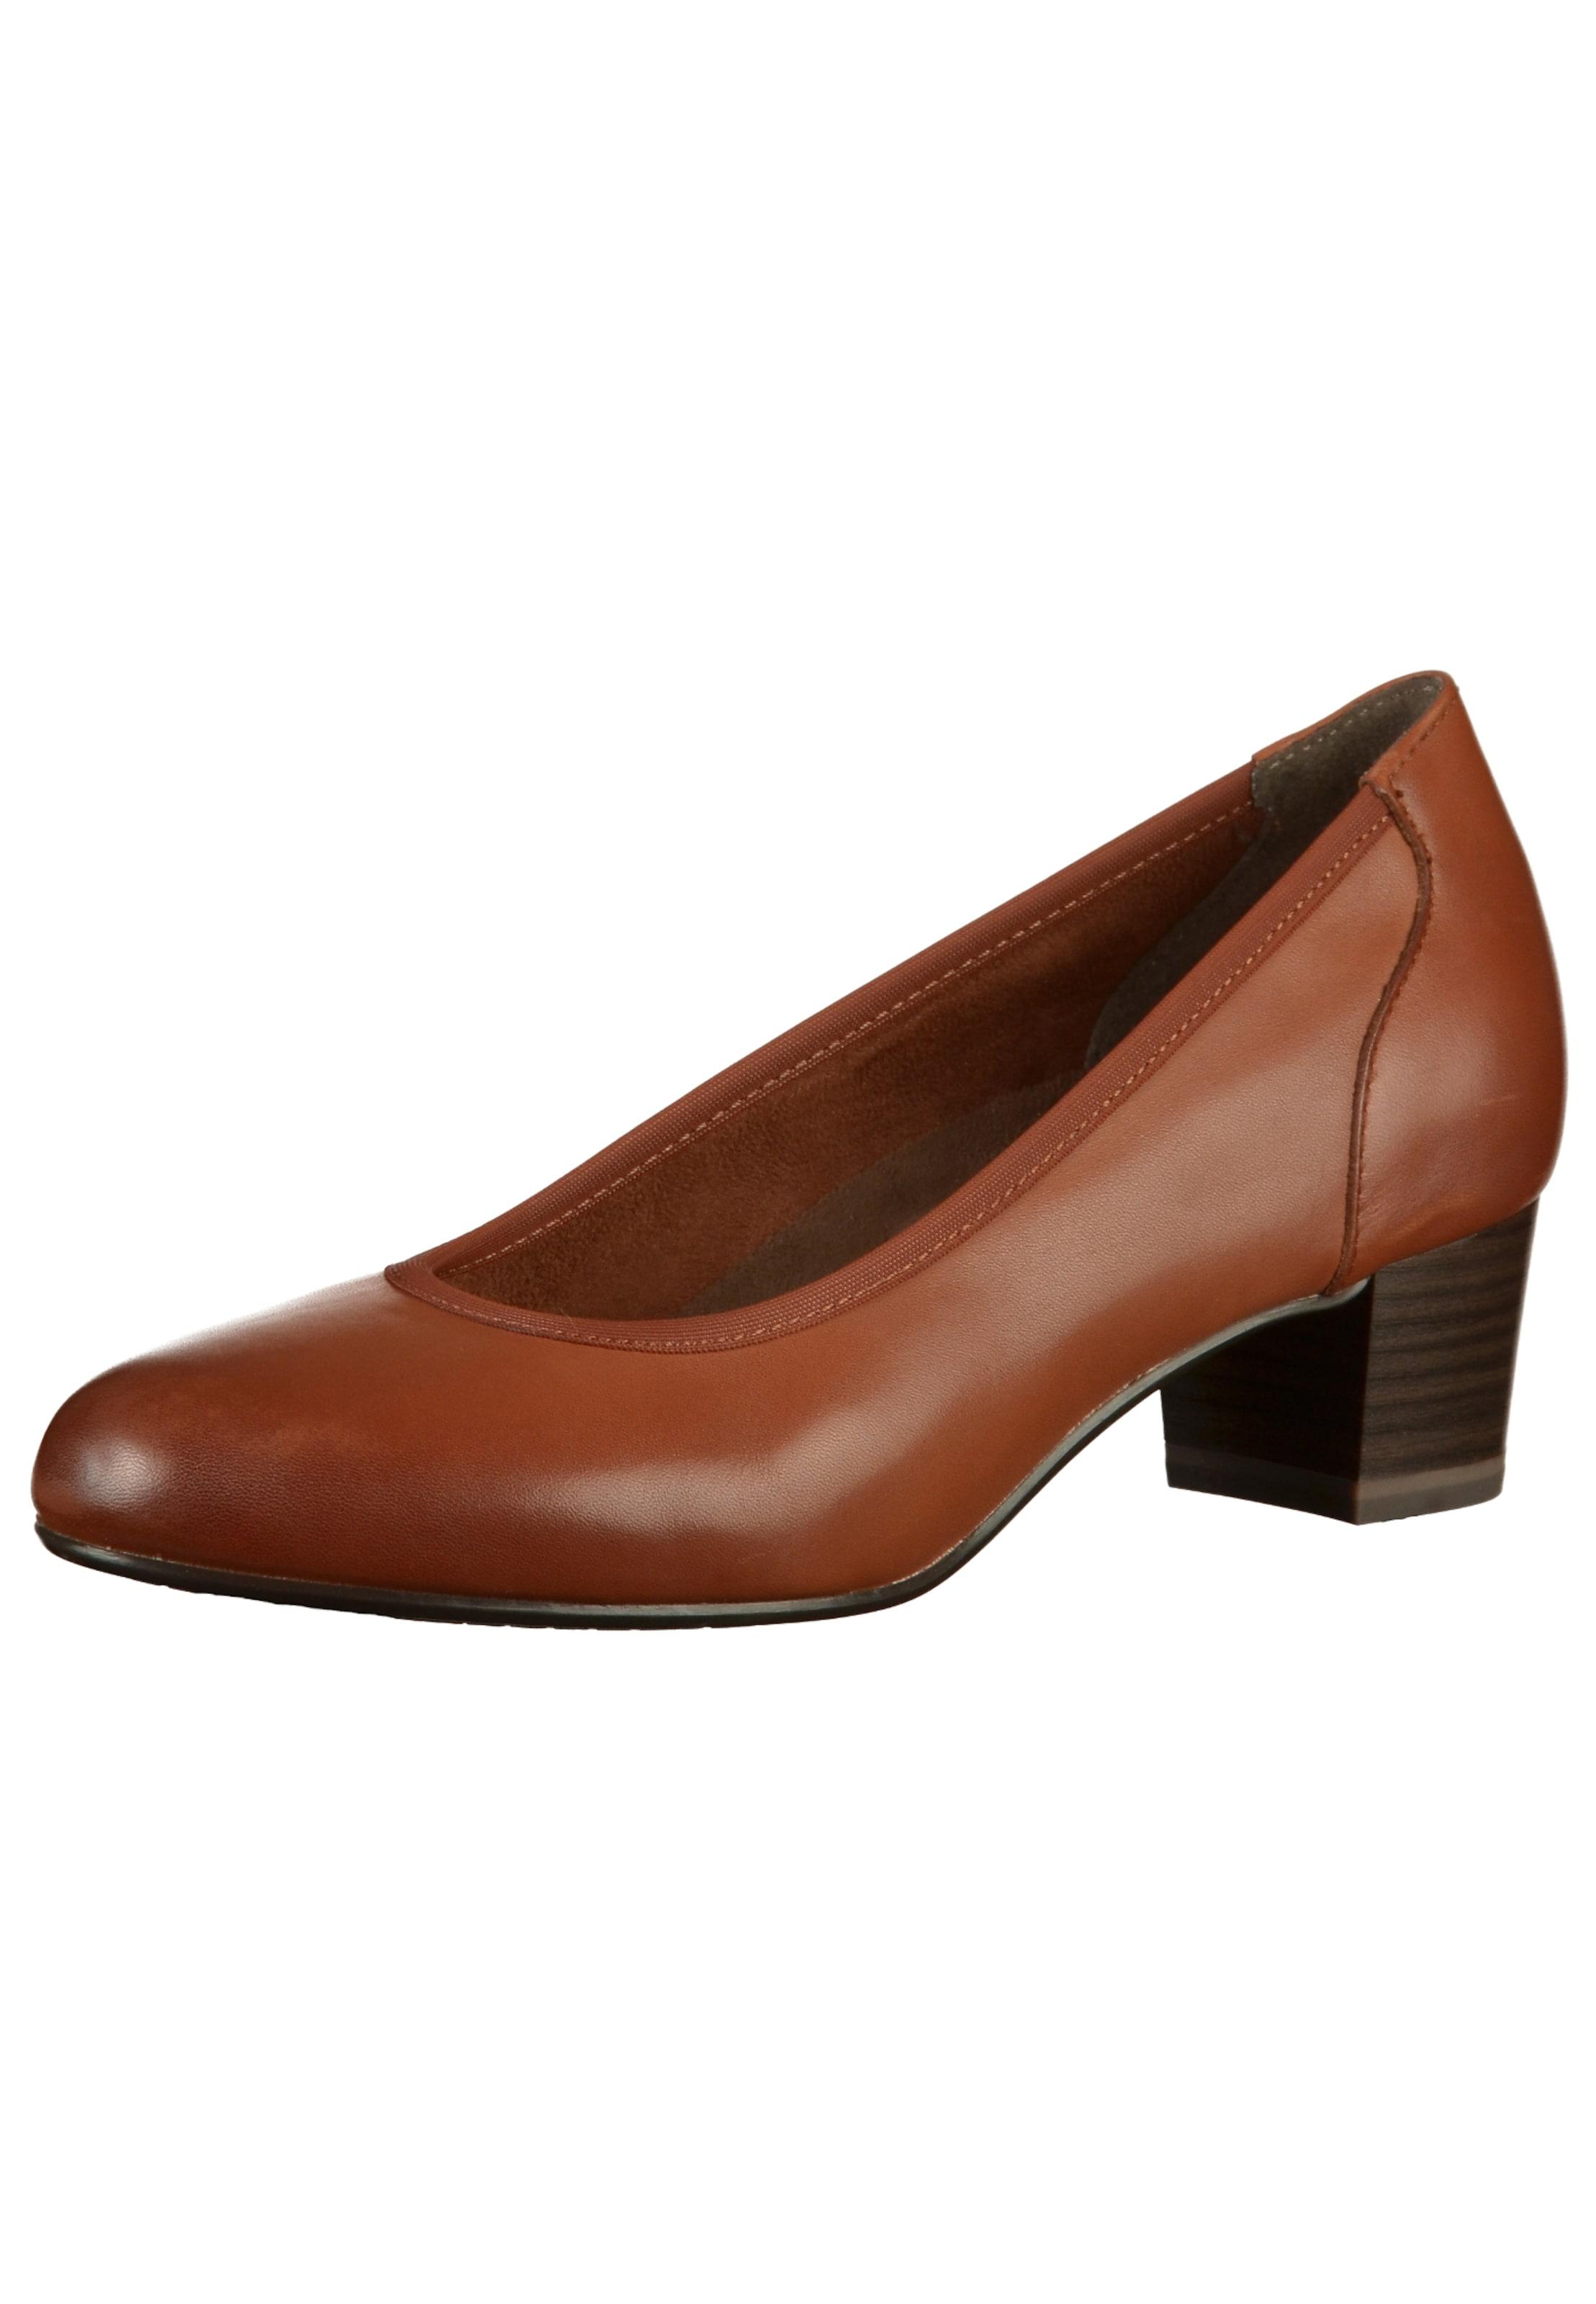 Haltbare Mode Pumps billige Schuhe TAMARIS | Pumps Mode Schuhe Gut getragene Schuhe 2ec3cf